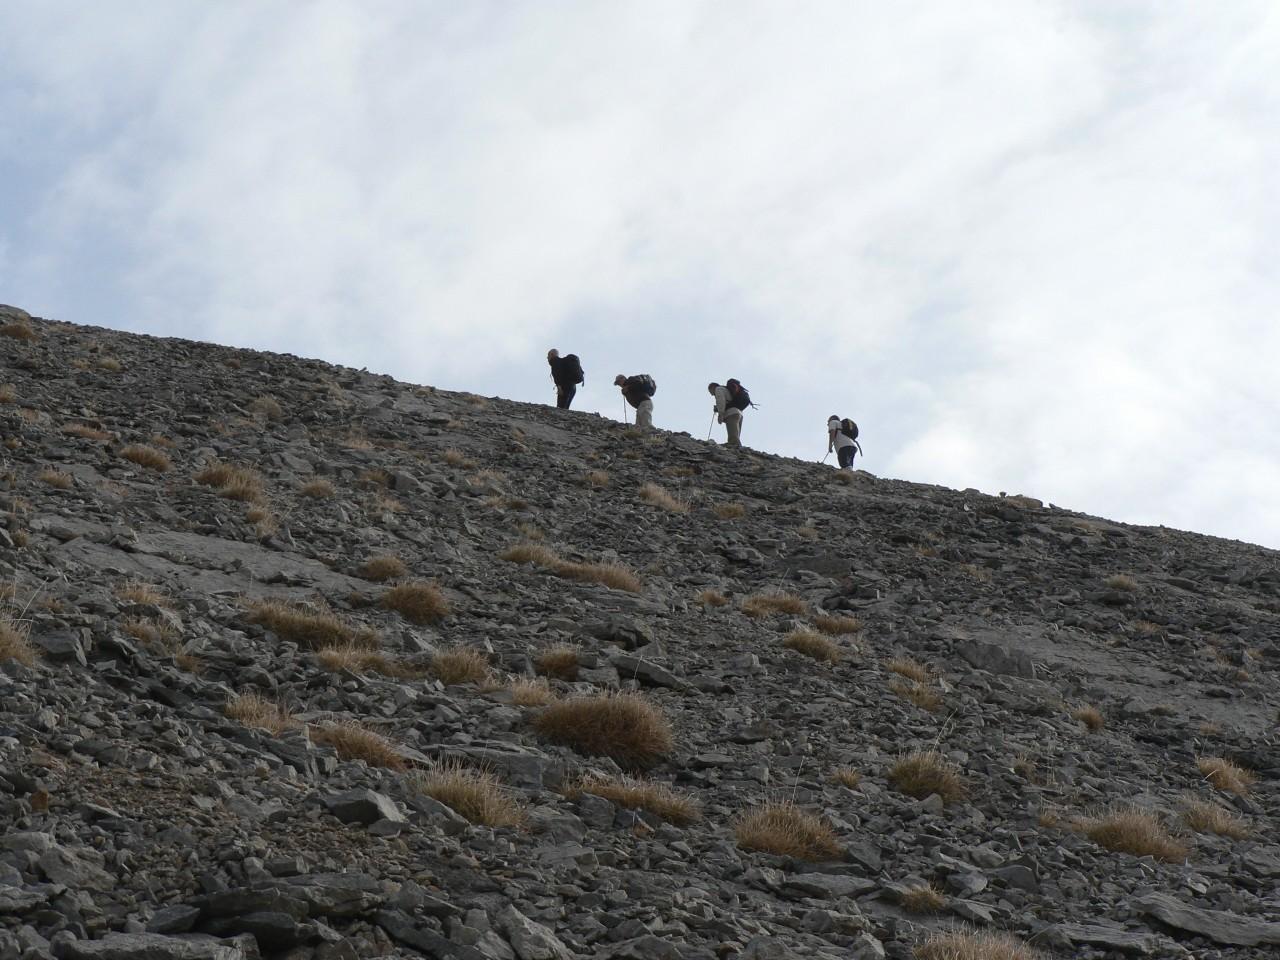 Планина или море - рисковете могат да бъдат застраховани за Вашето спокойствие